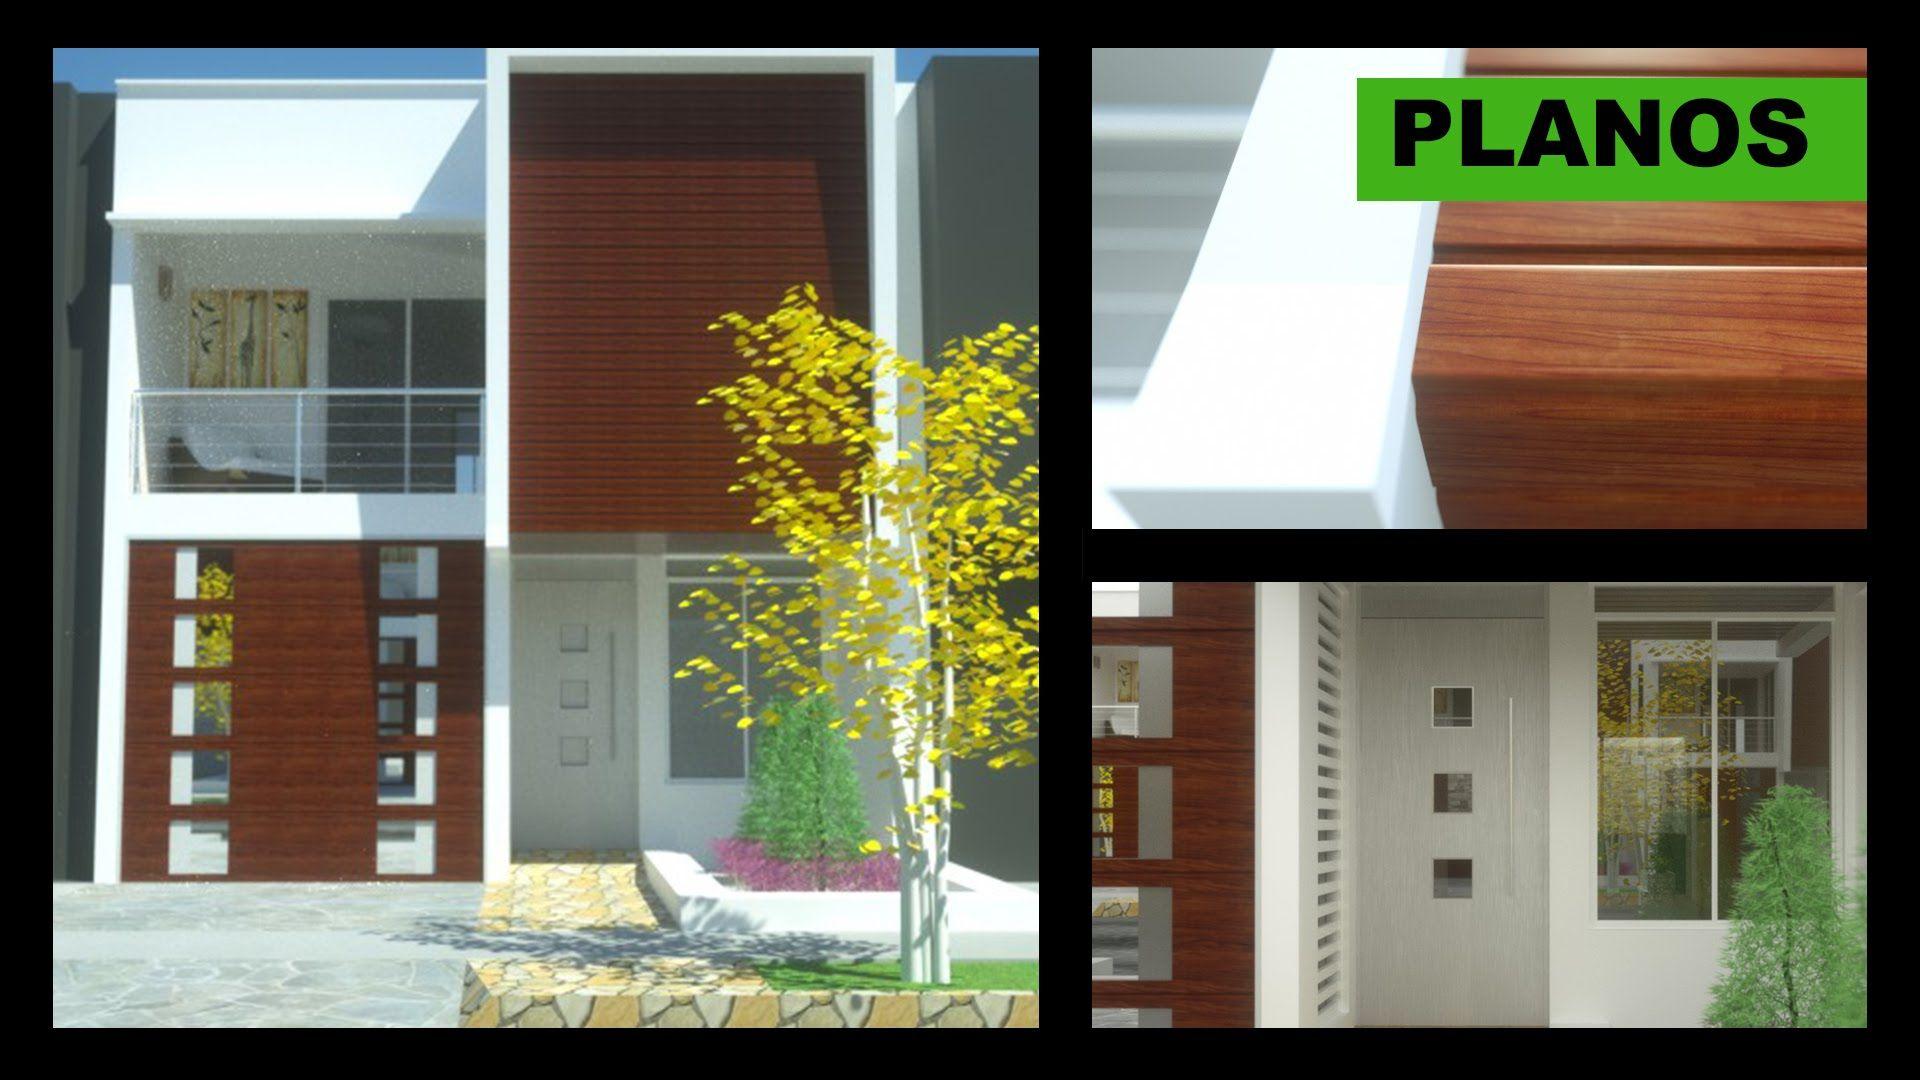 Planos casa moderna 2 pisos 6m x 12m villa del sol ideas for Arquitectura de casas modernas planos